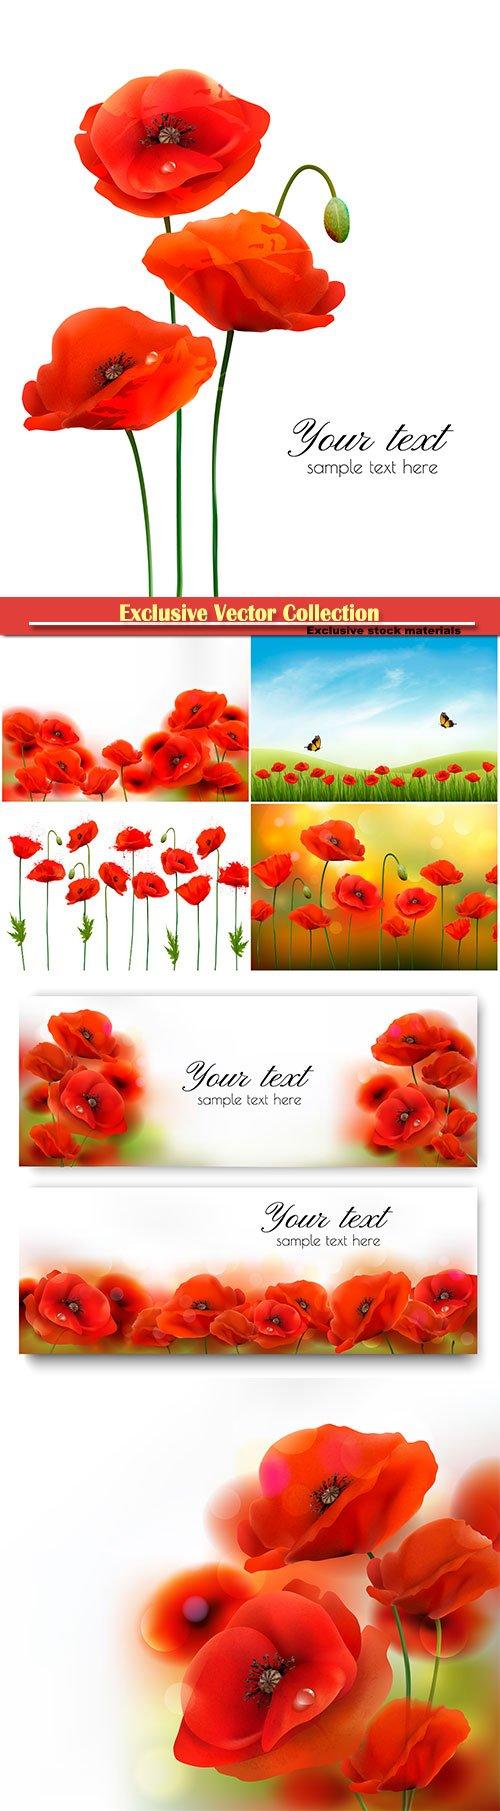 Red poppy flower background vector illustration